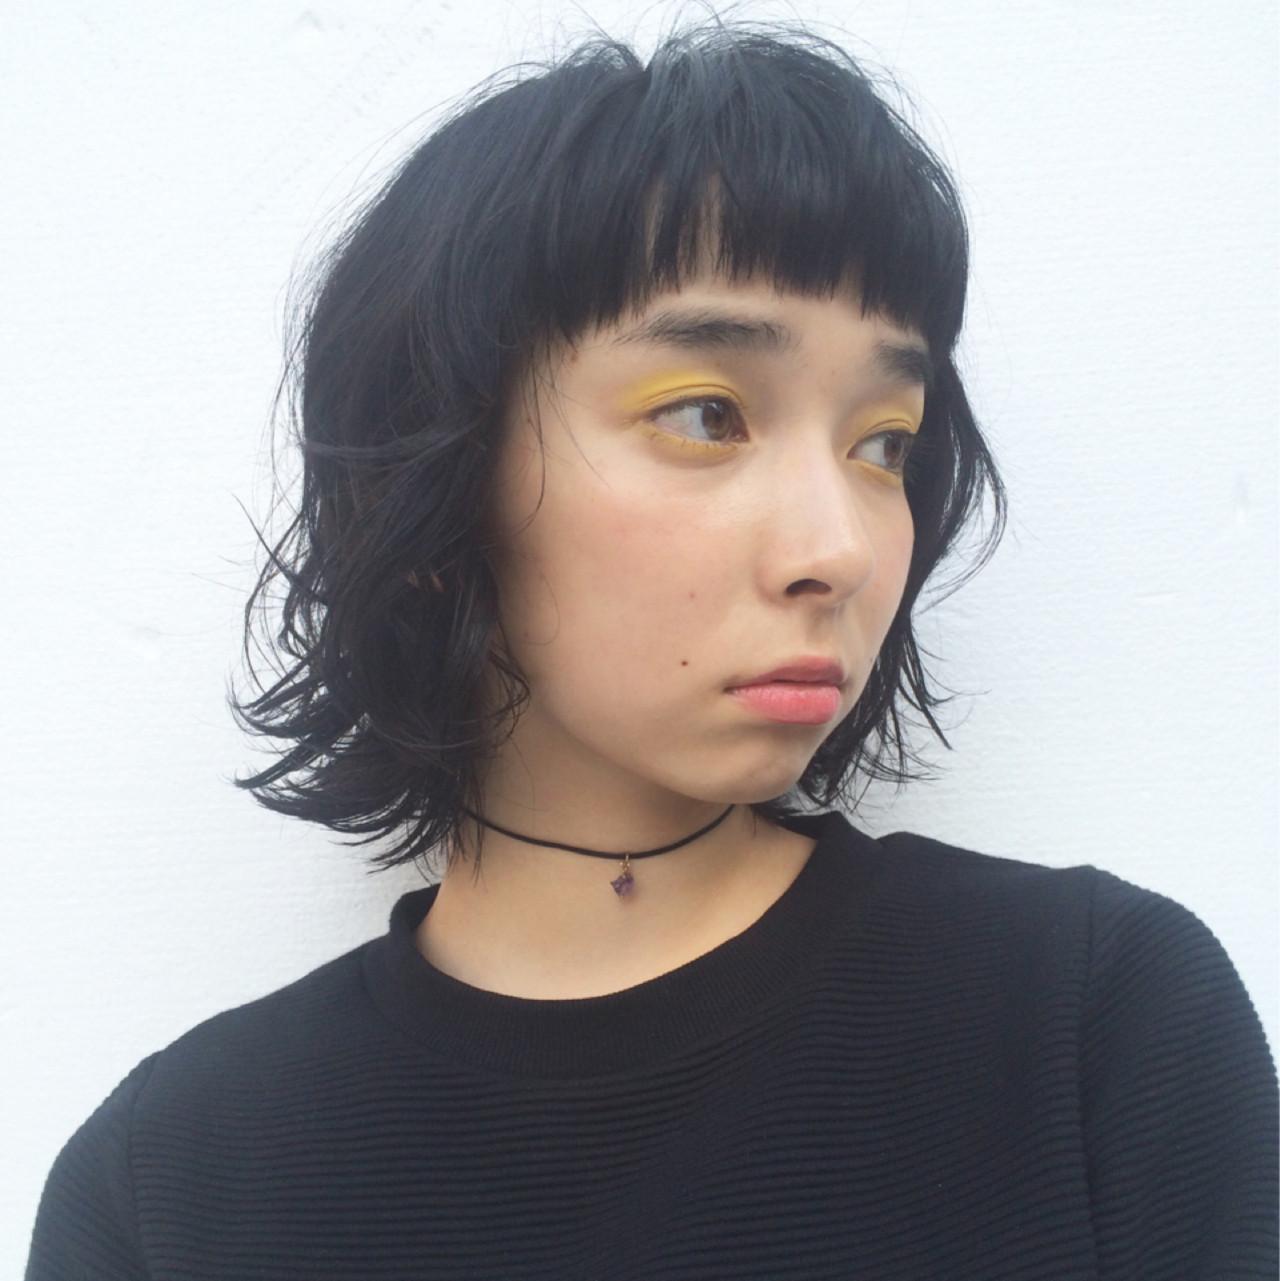 黒髪ショートボブのヘアカタログ♡前髪ありなしパーマまで徹底解説!の14枚目の画像